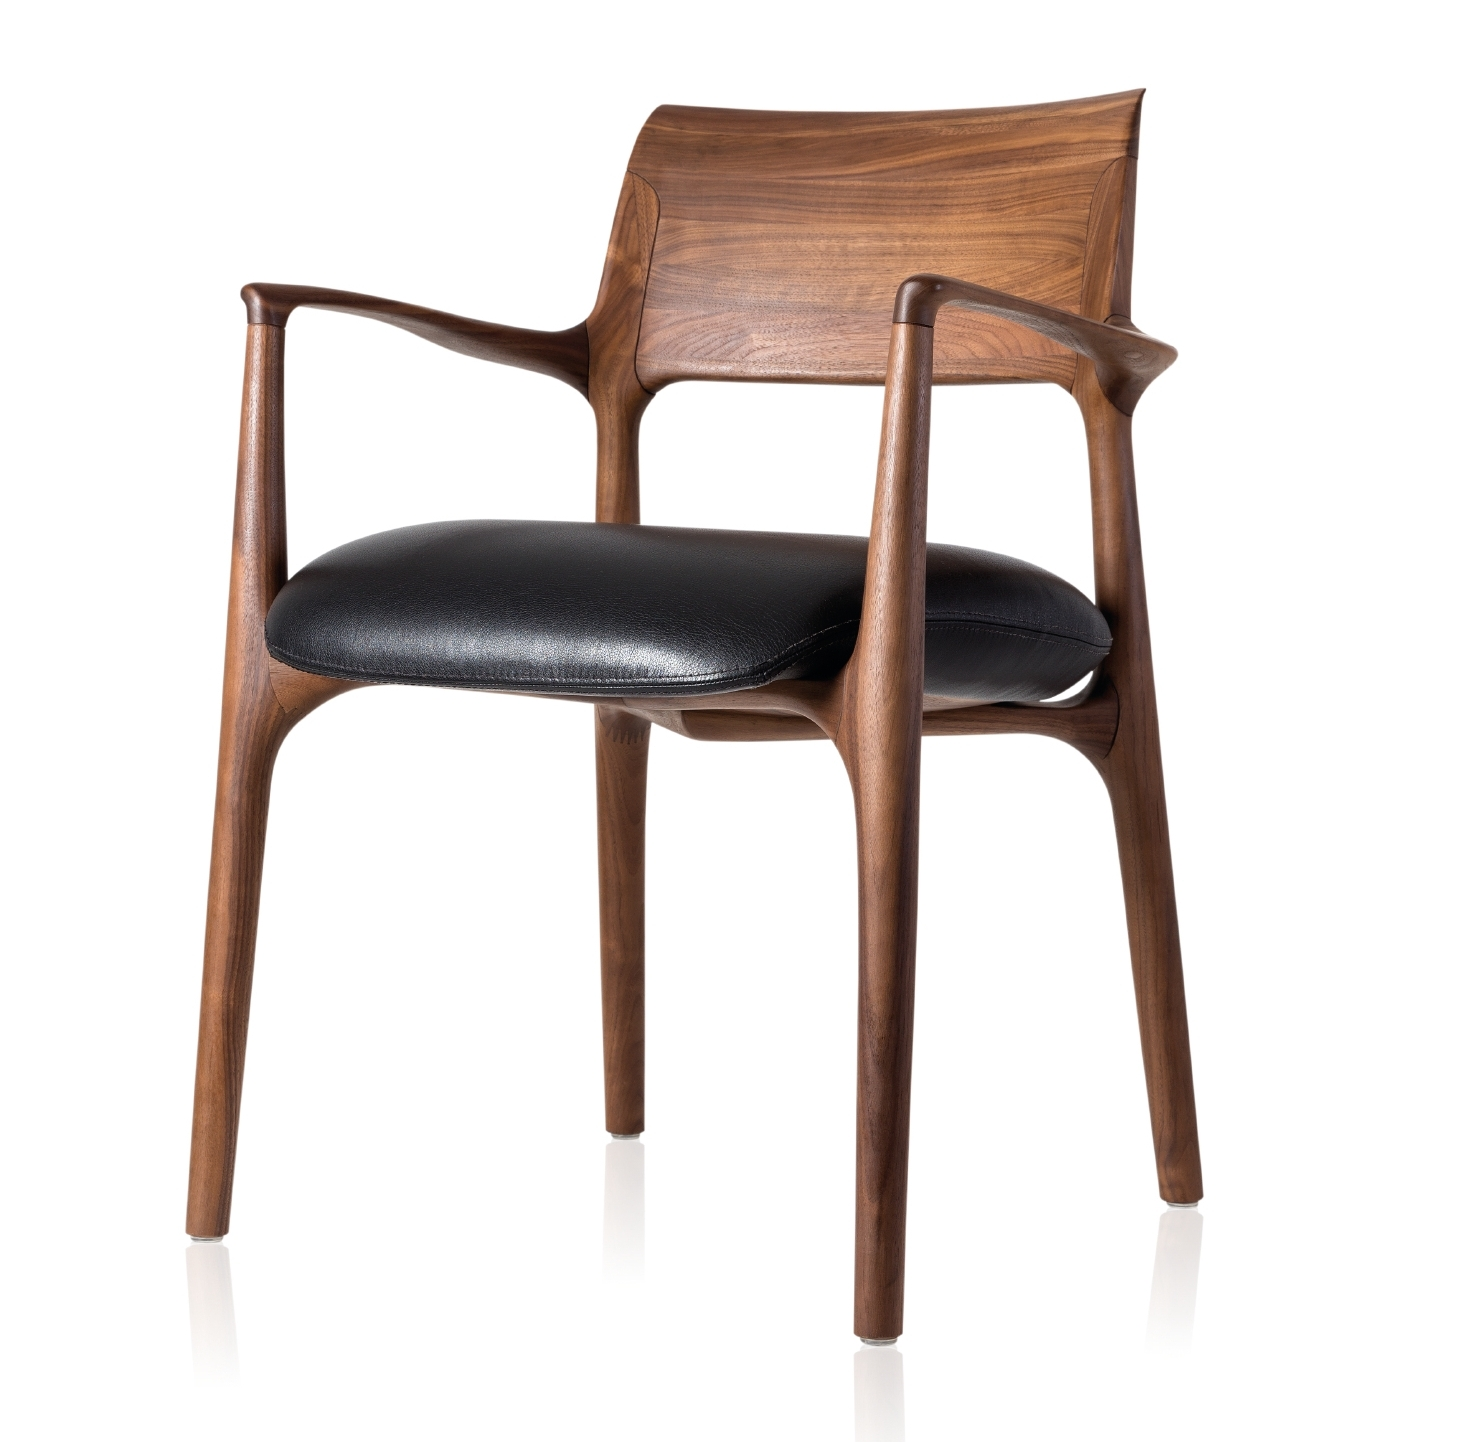 SJ_armchair_easy_07.jpg